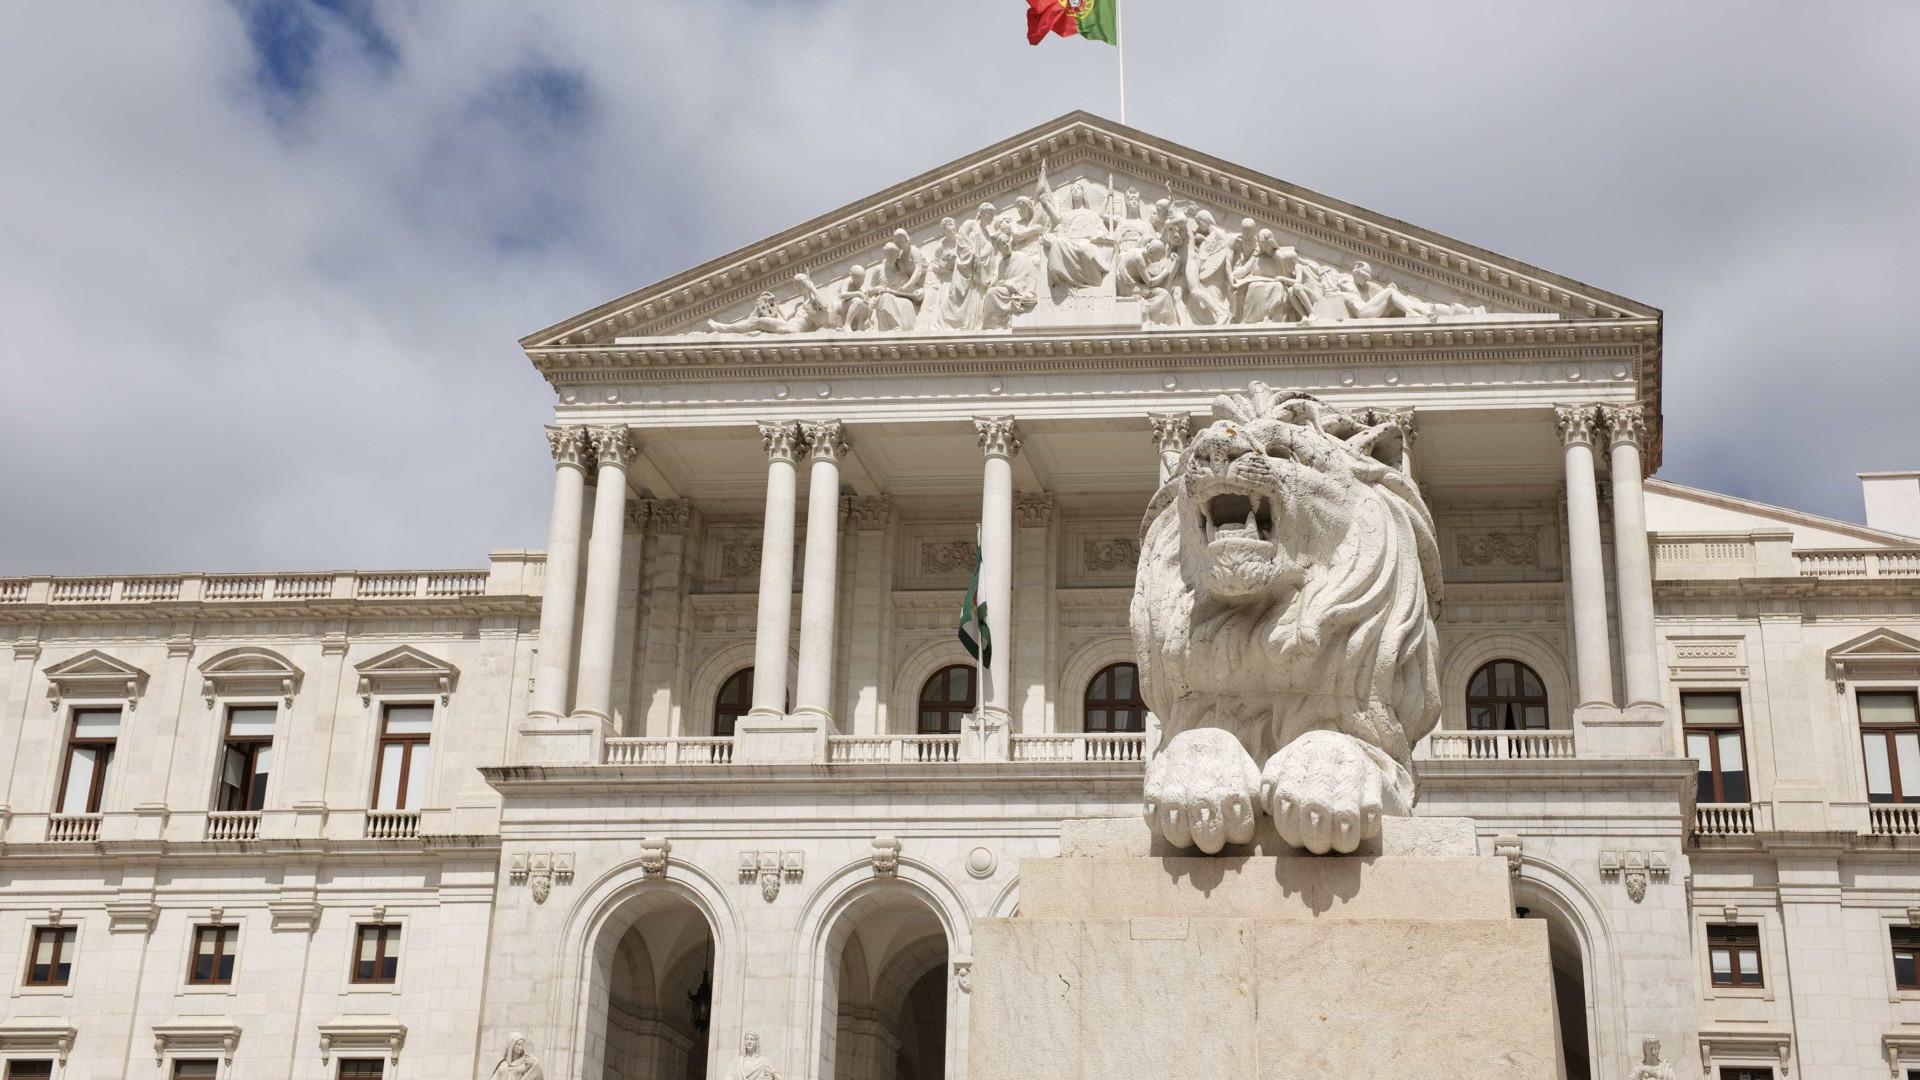 Parlamento aprovou. Acesso gratuito aos museus em 2018 para menores de 30